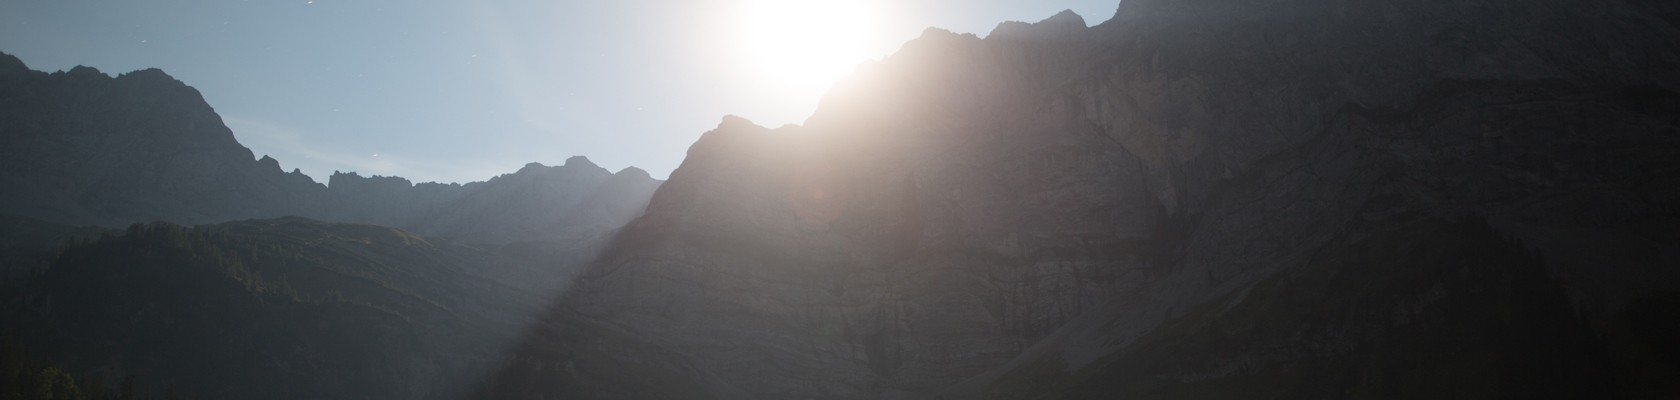 berg-sonnenschein